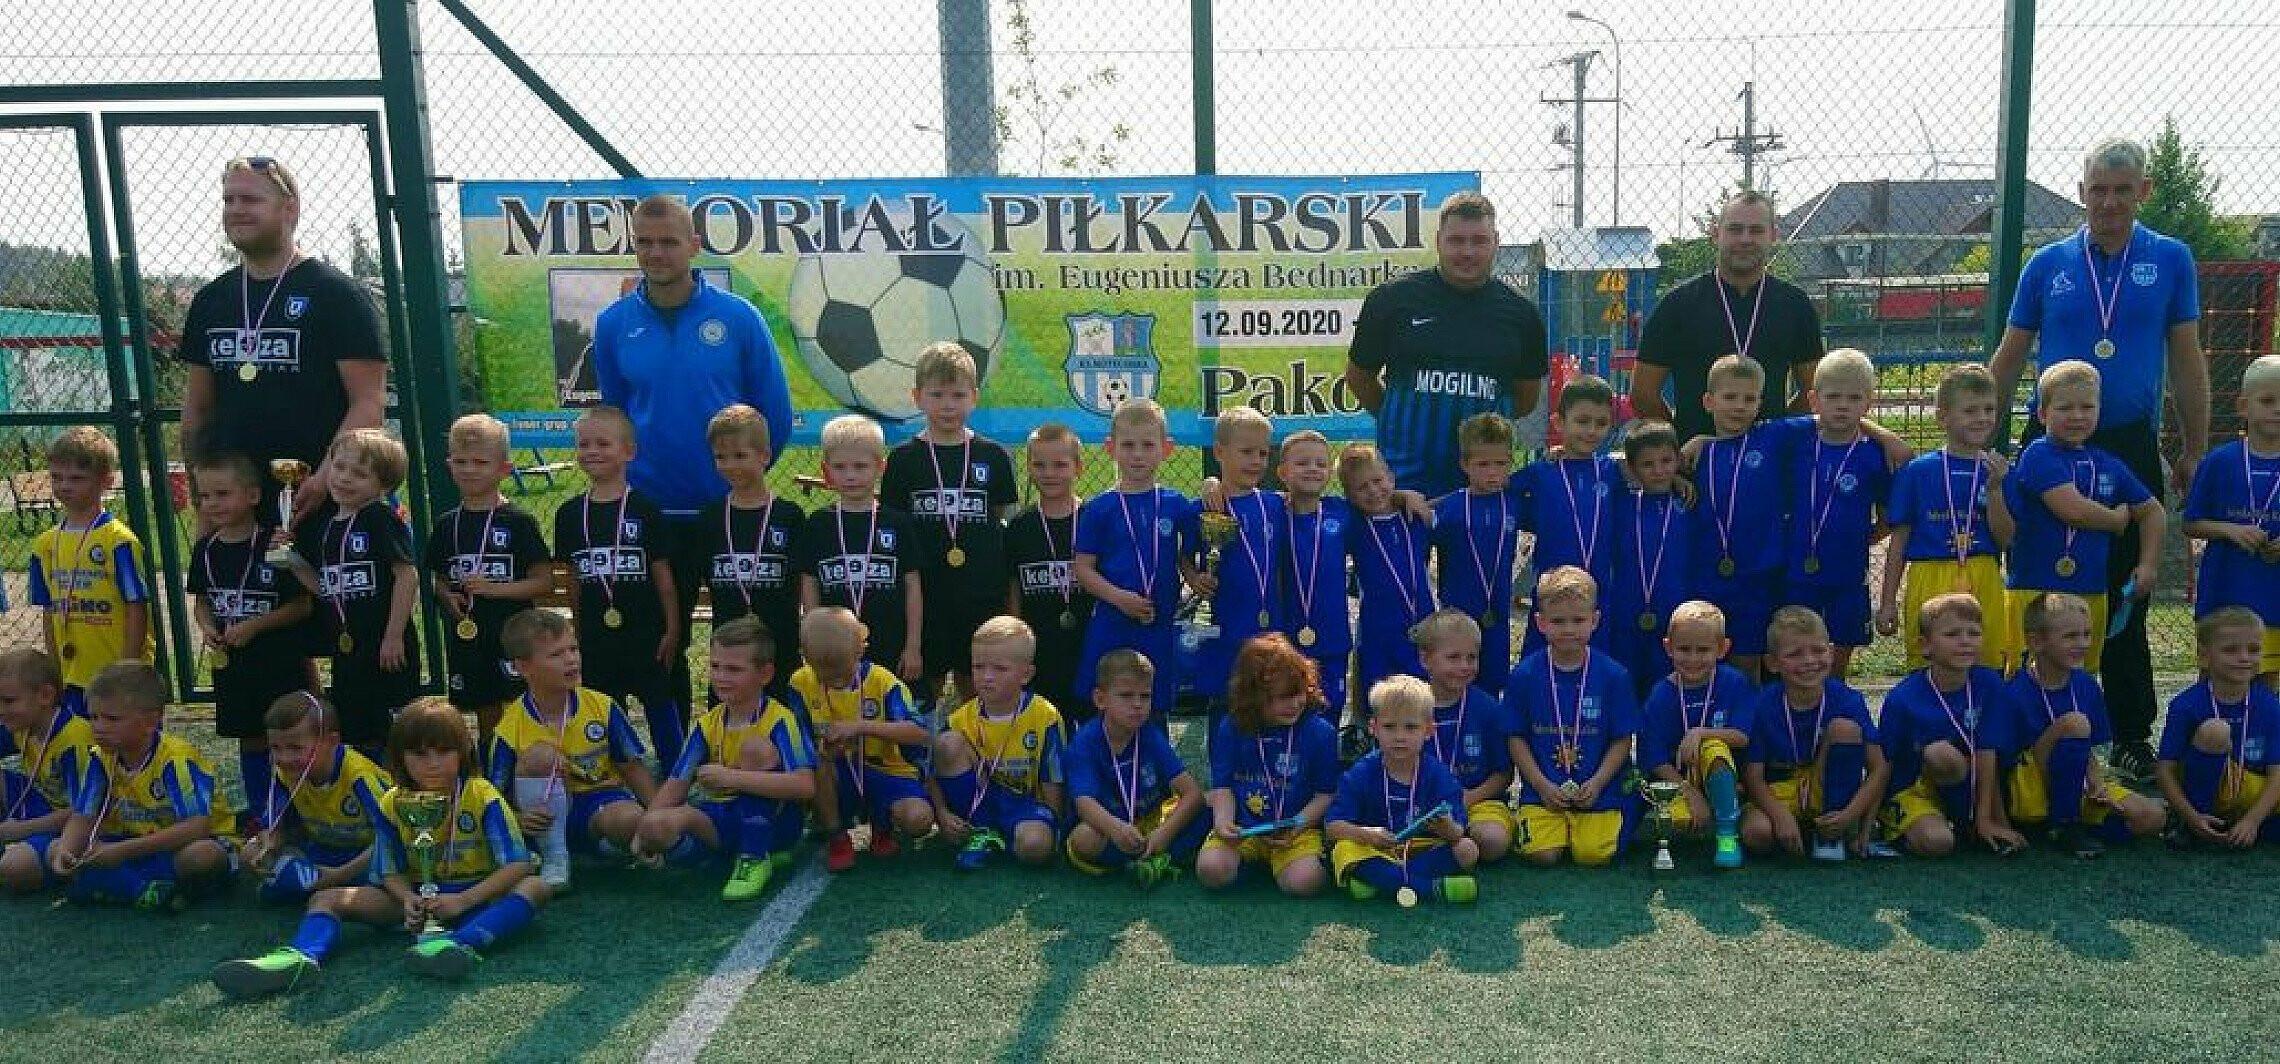 Inowrocław - To był ich pierwszy mecz w życiu